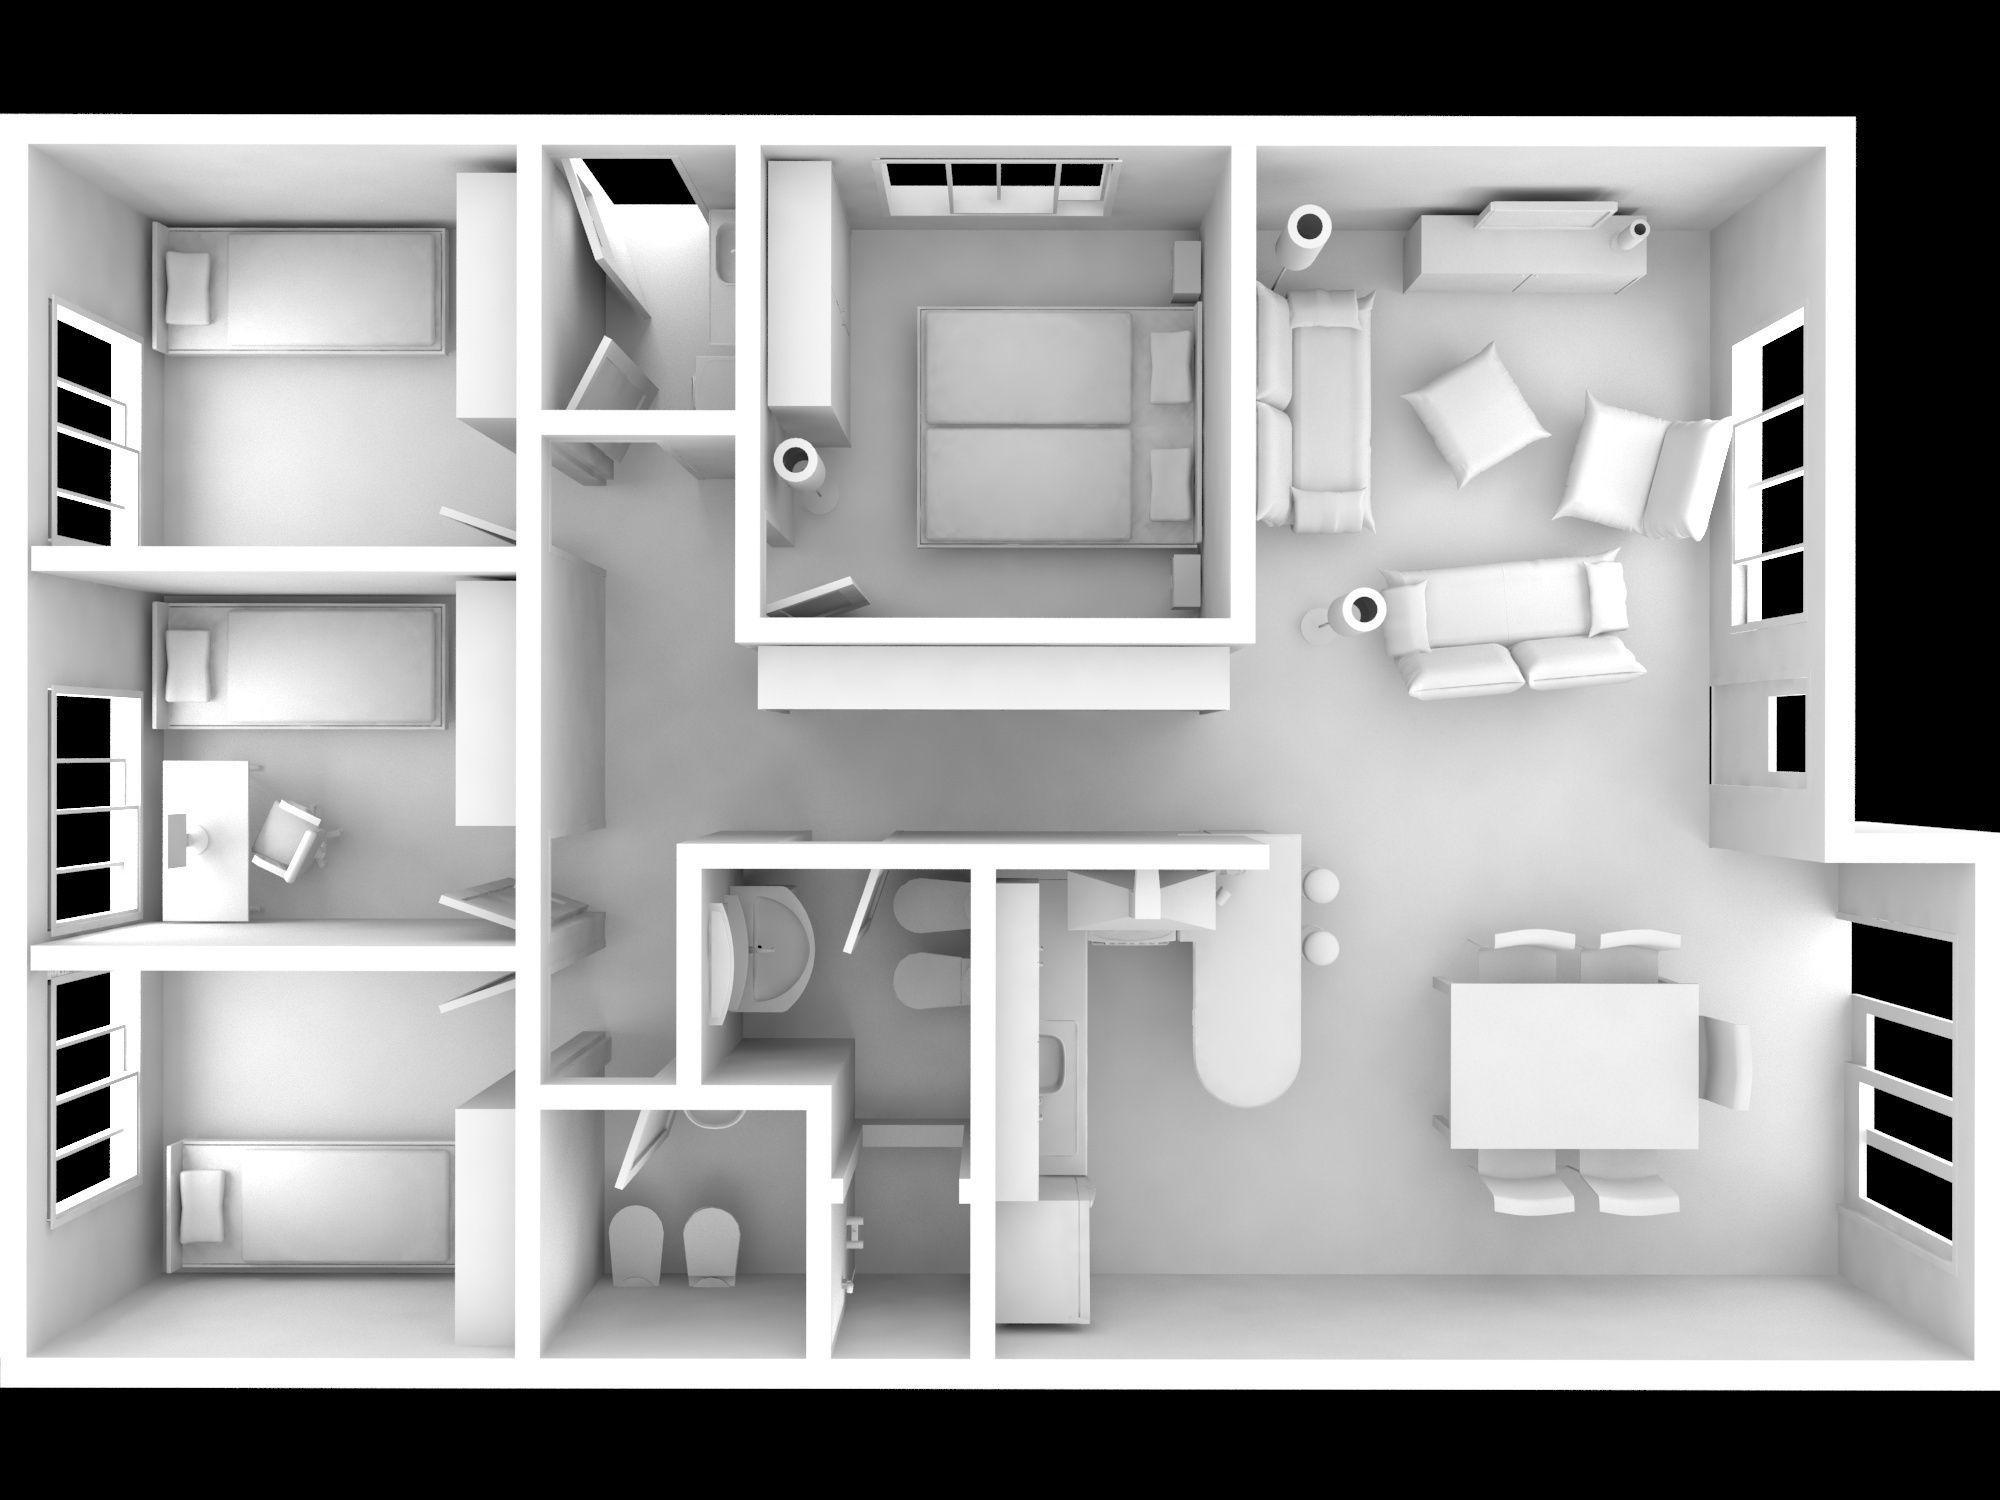 Full house 3d model